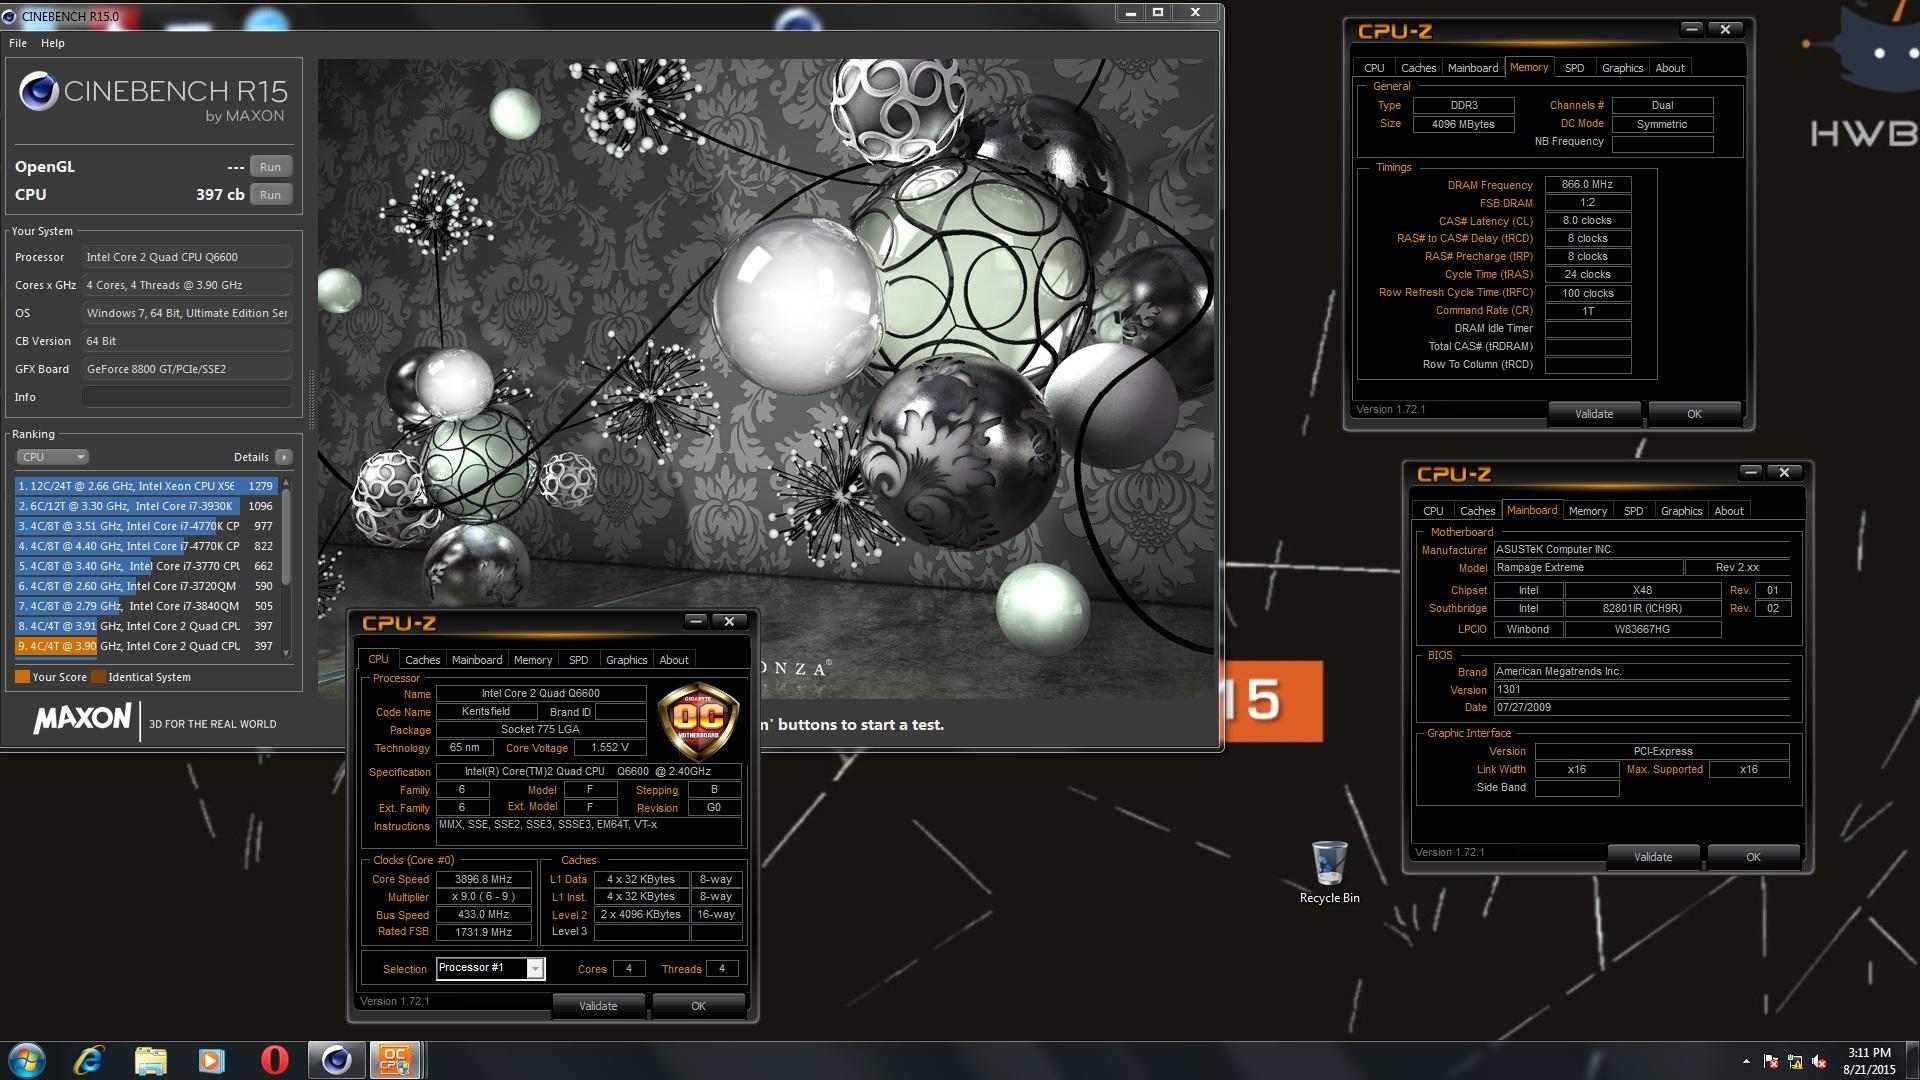 Bog Xdans Cinebench R15 Score 397 Cb With A Core 2 Quad Q6600 Intel